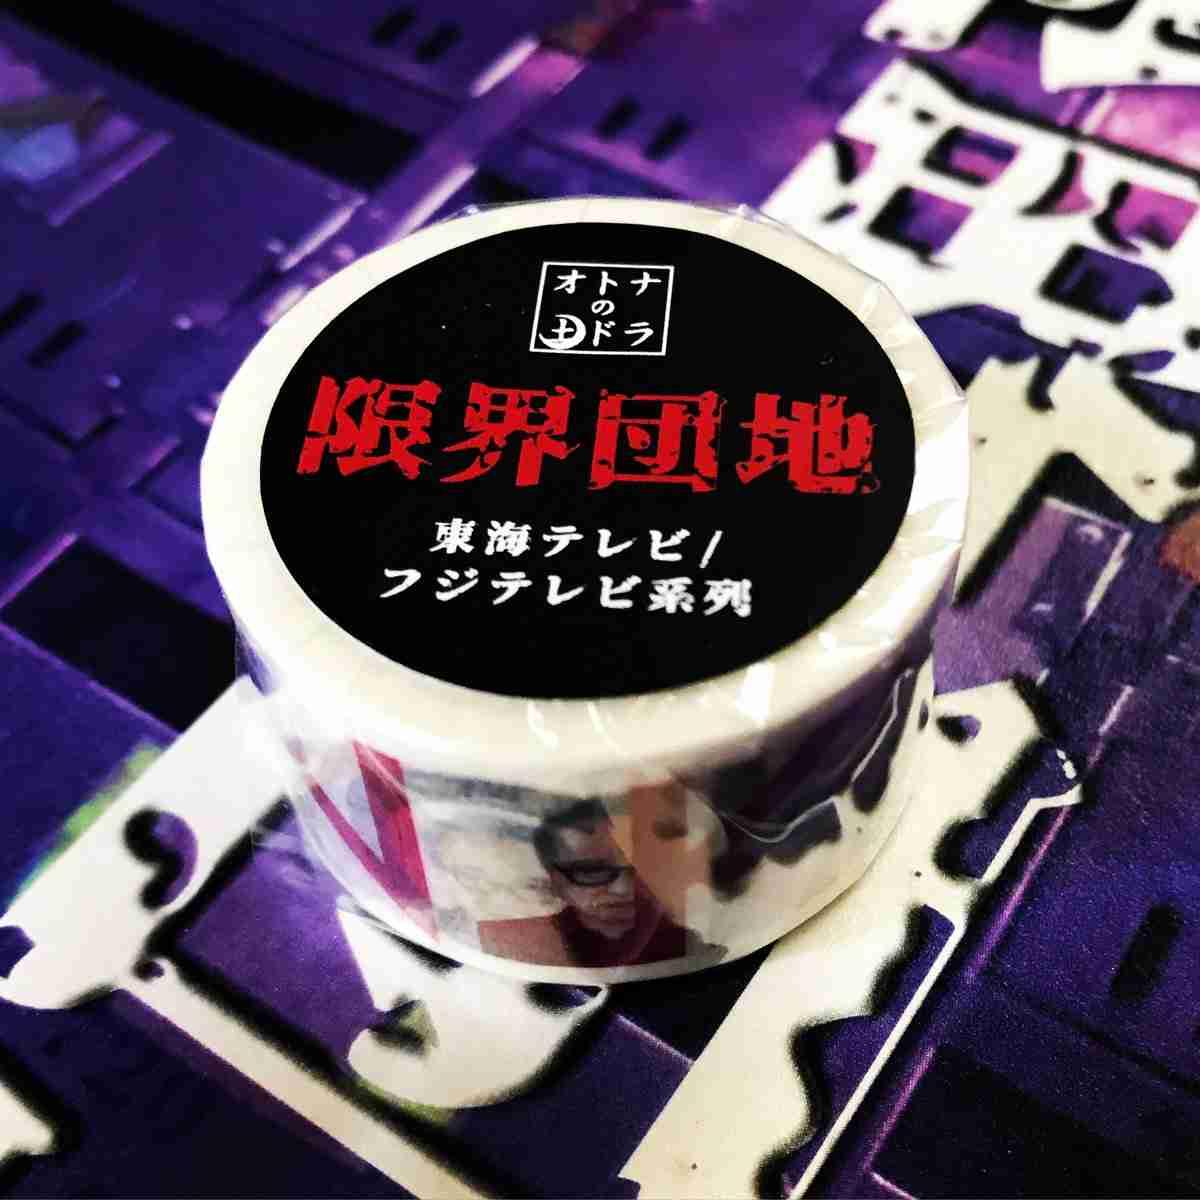 [実況・感想]  限界団地 #02